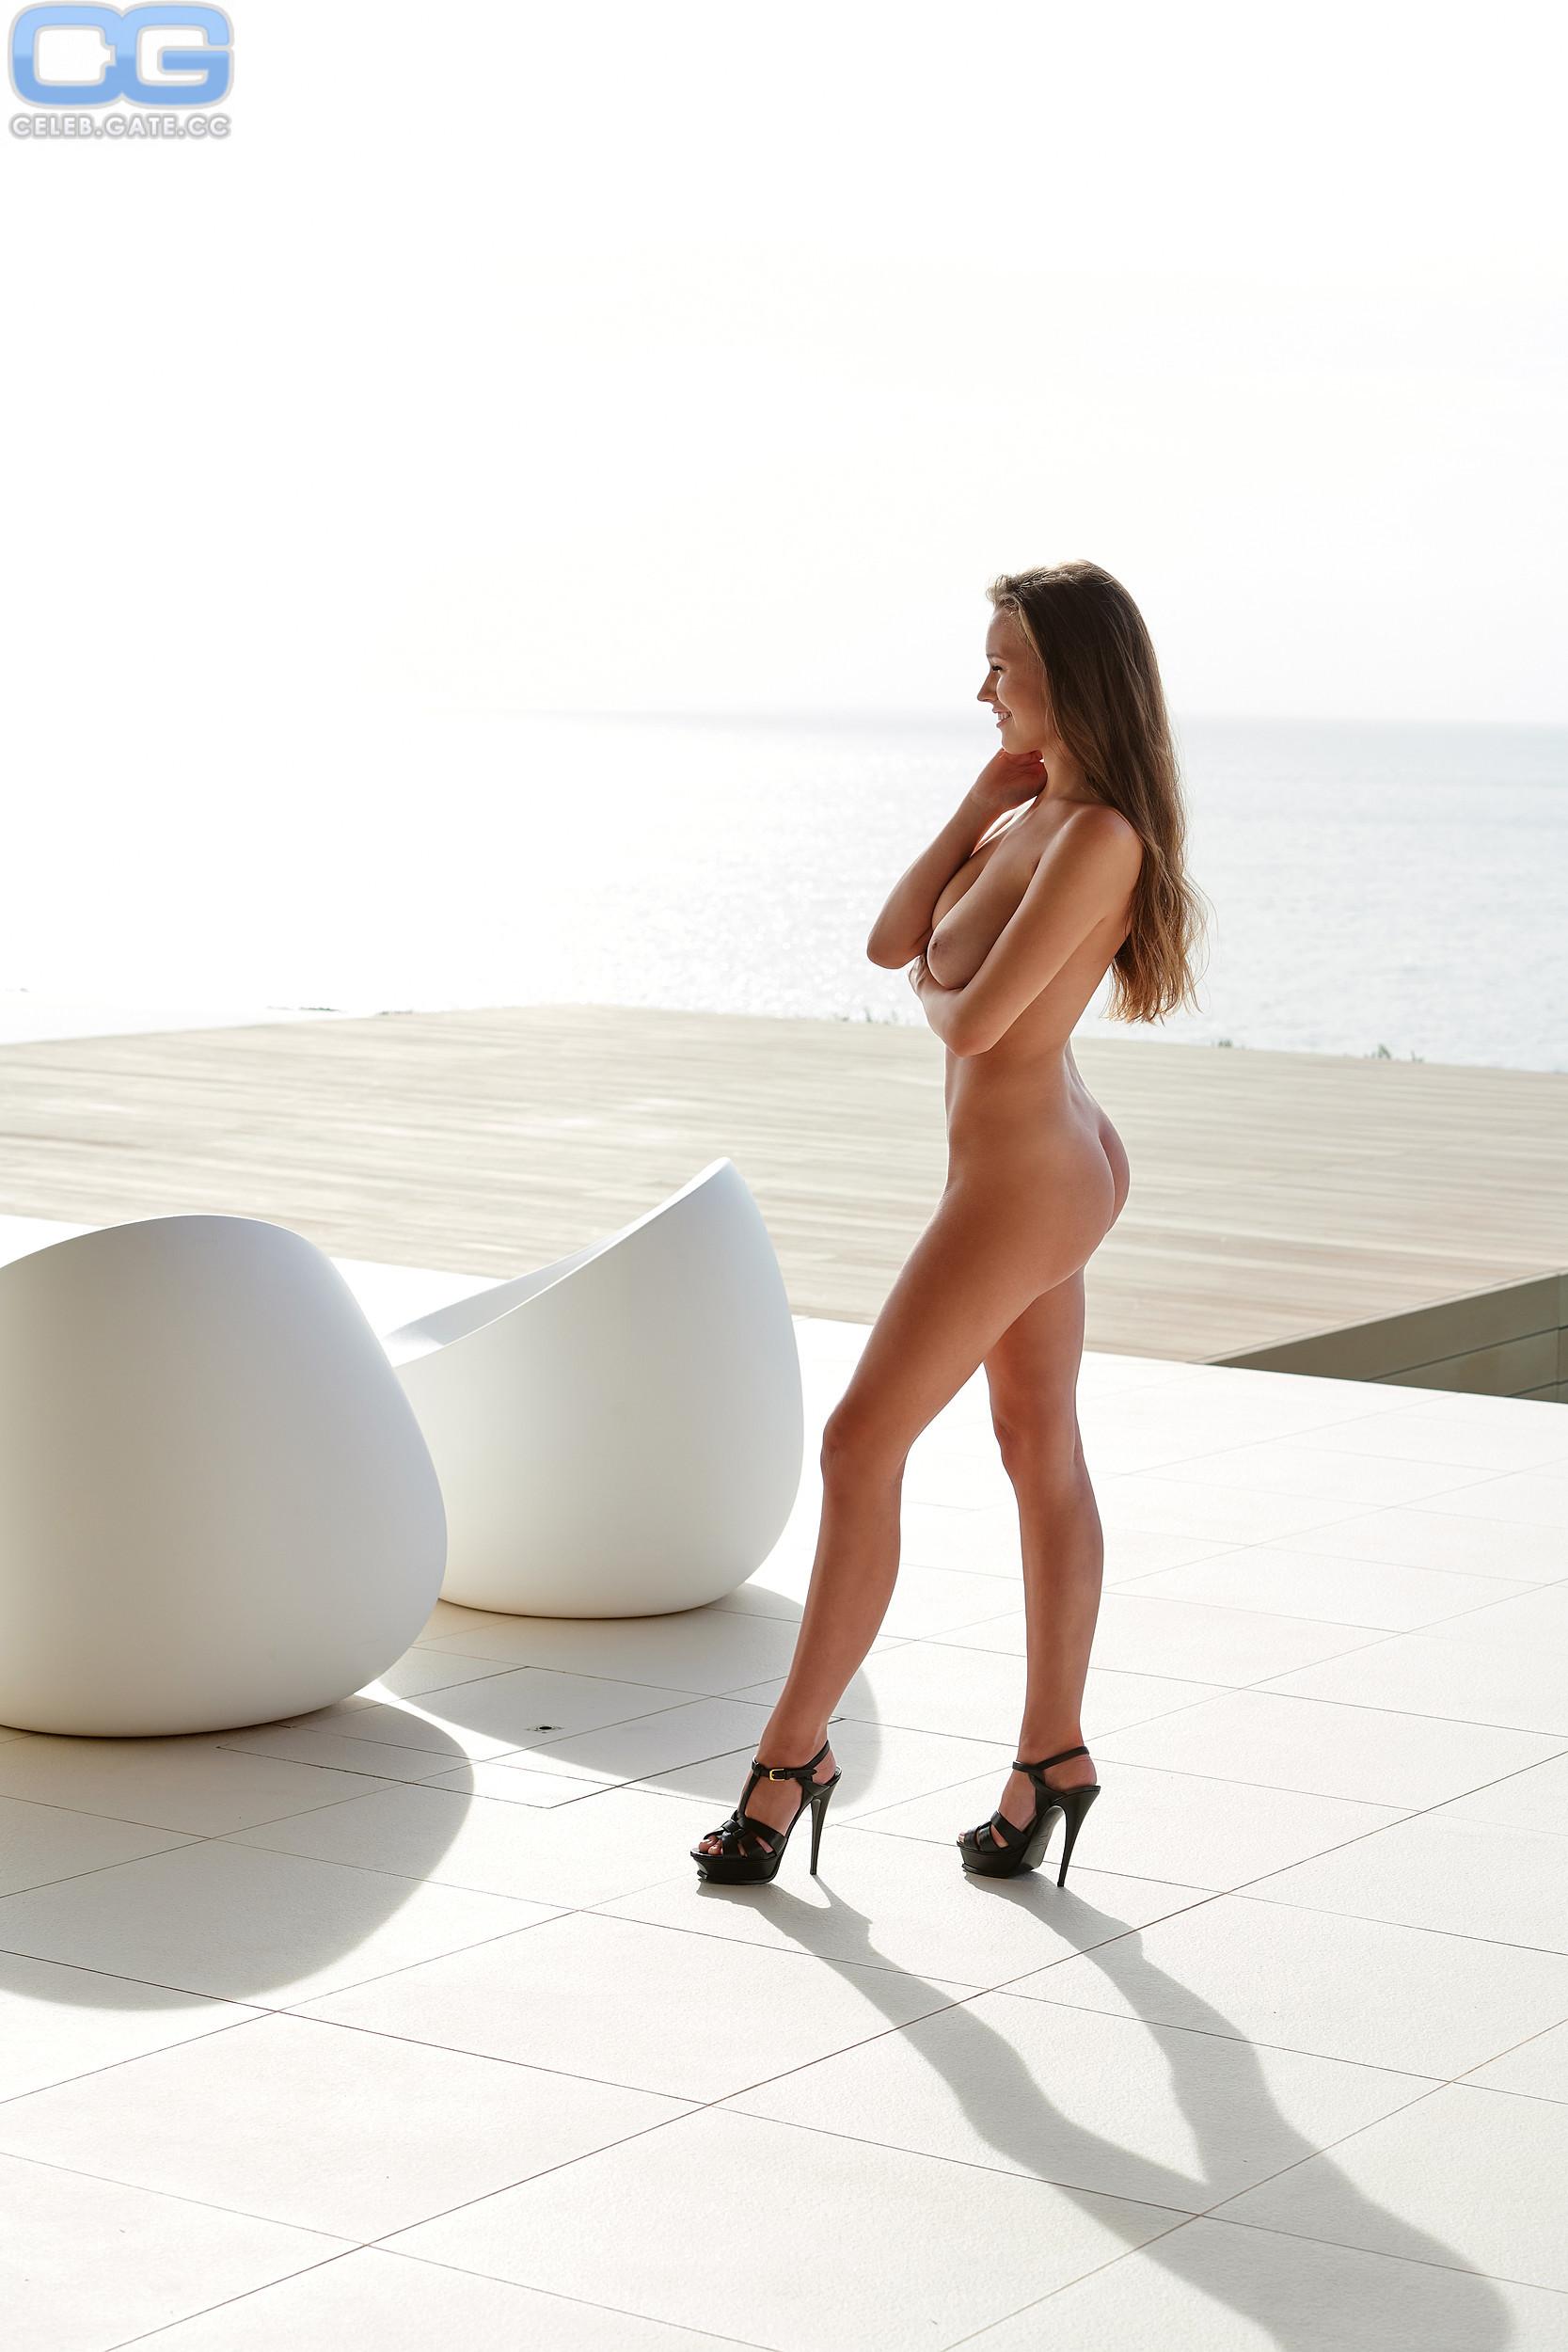 Laura Sophie Mueller Nackt Nacktbilder Playboy Nacktfotos Fakes Oben Ohne